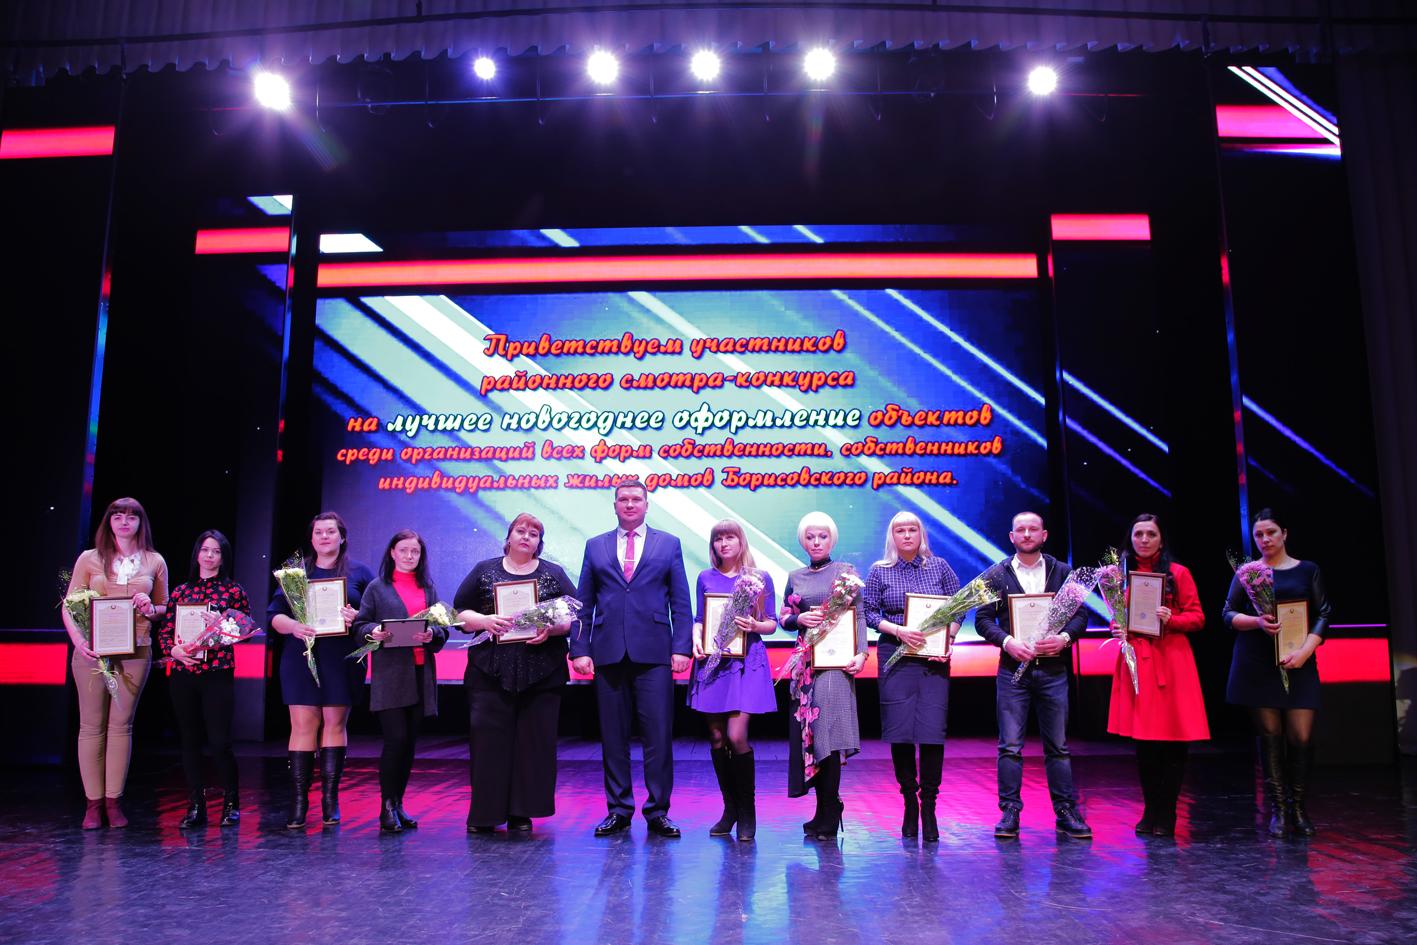 В Борисове наградили участников районного смотра-конкурса на лучшее новогоднее оформление объектов 4